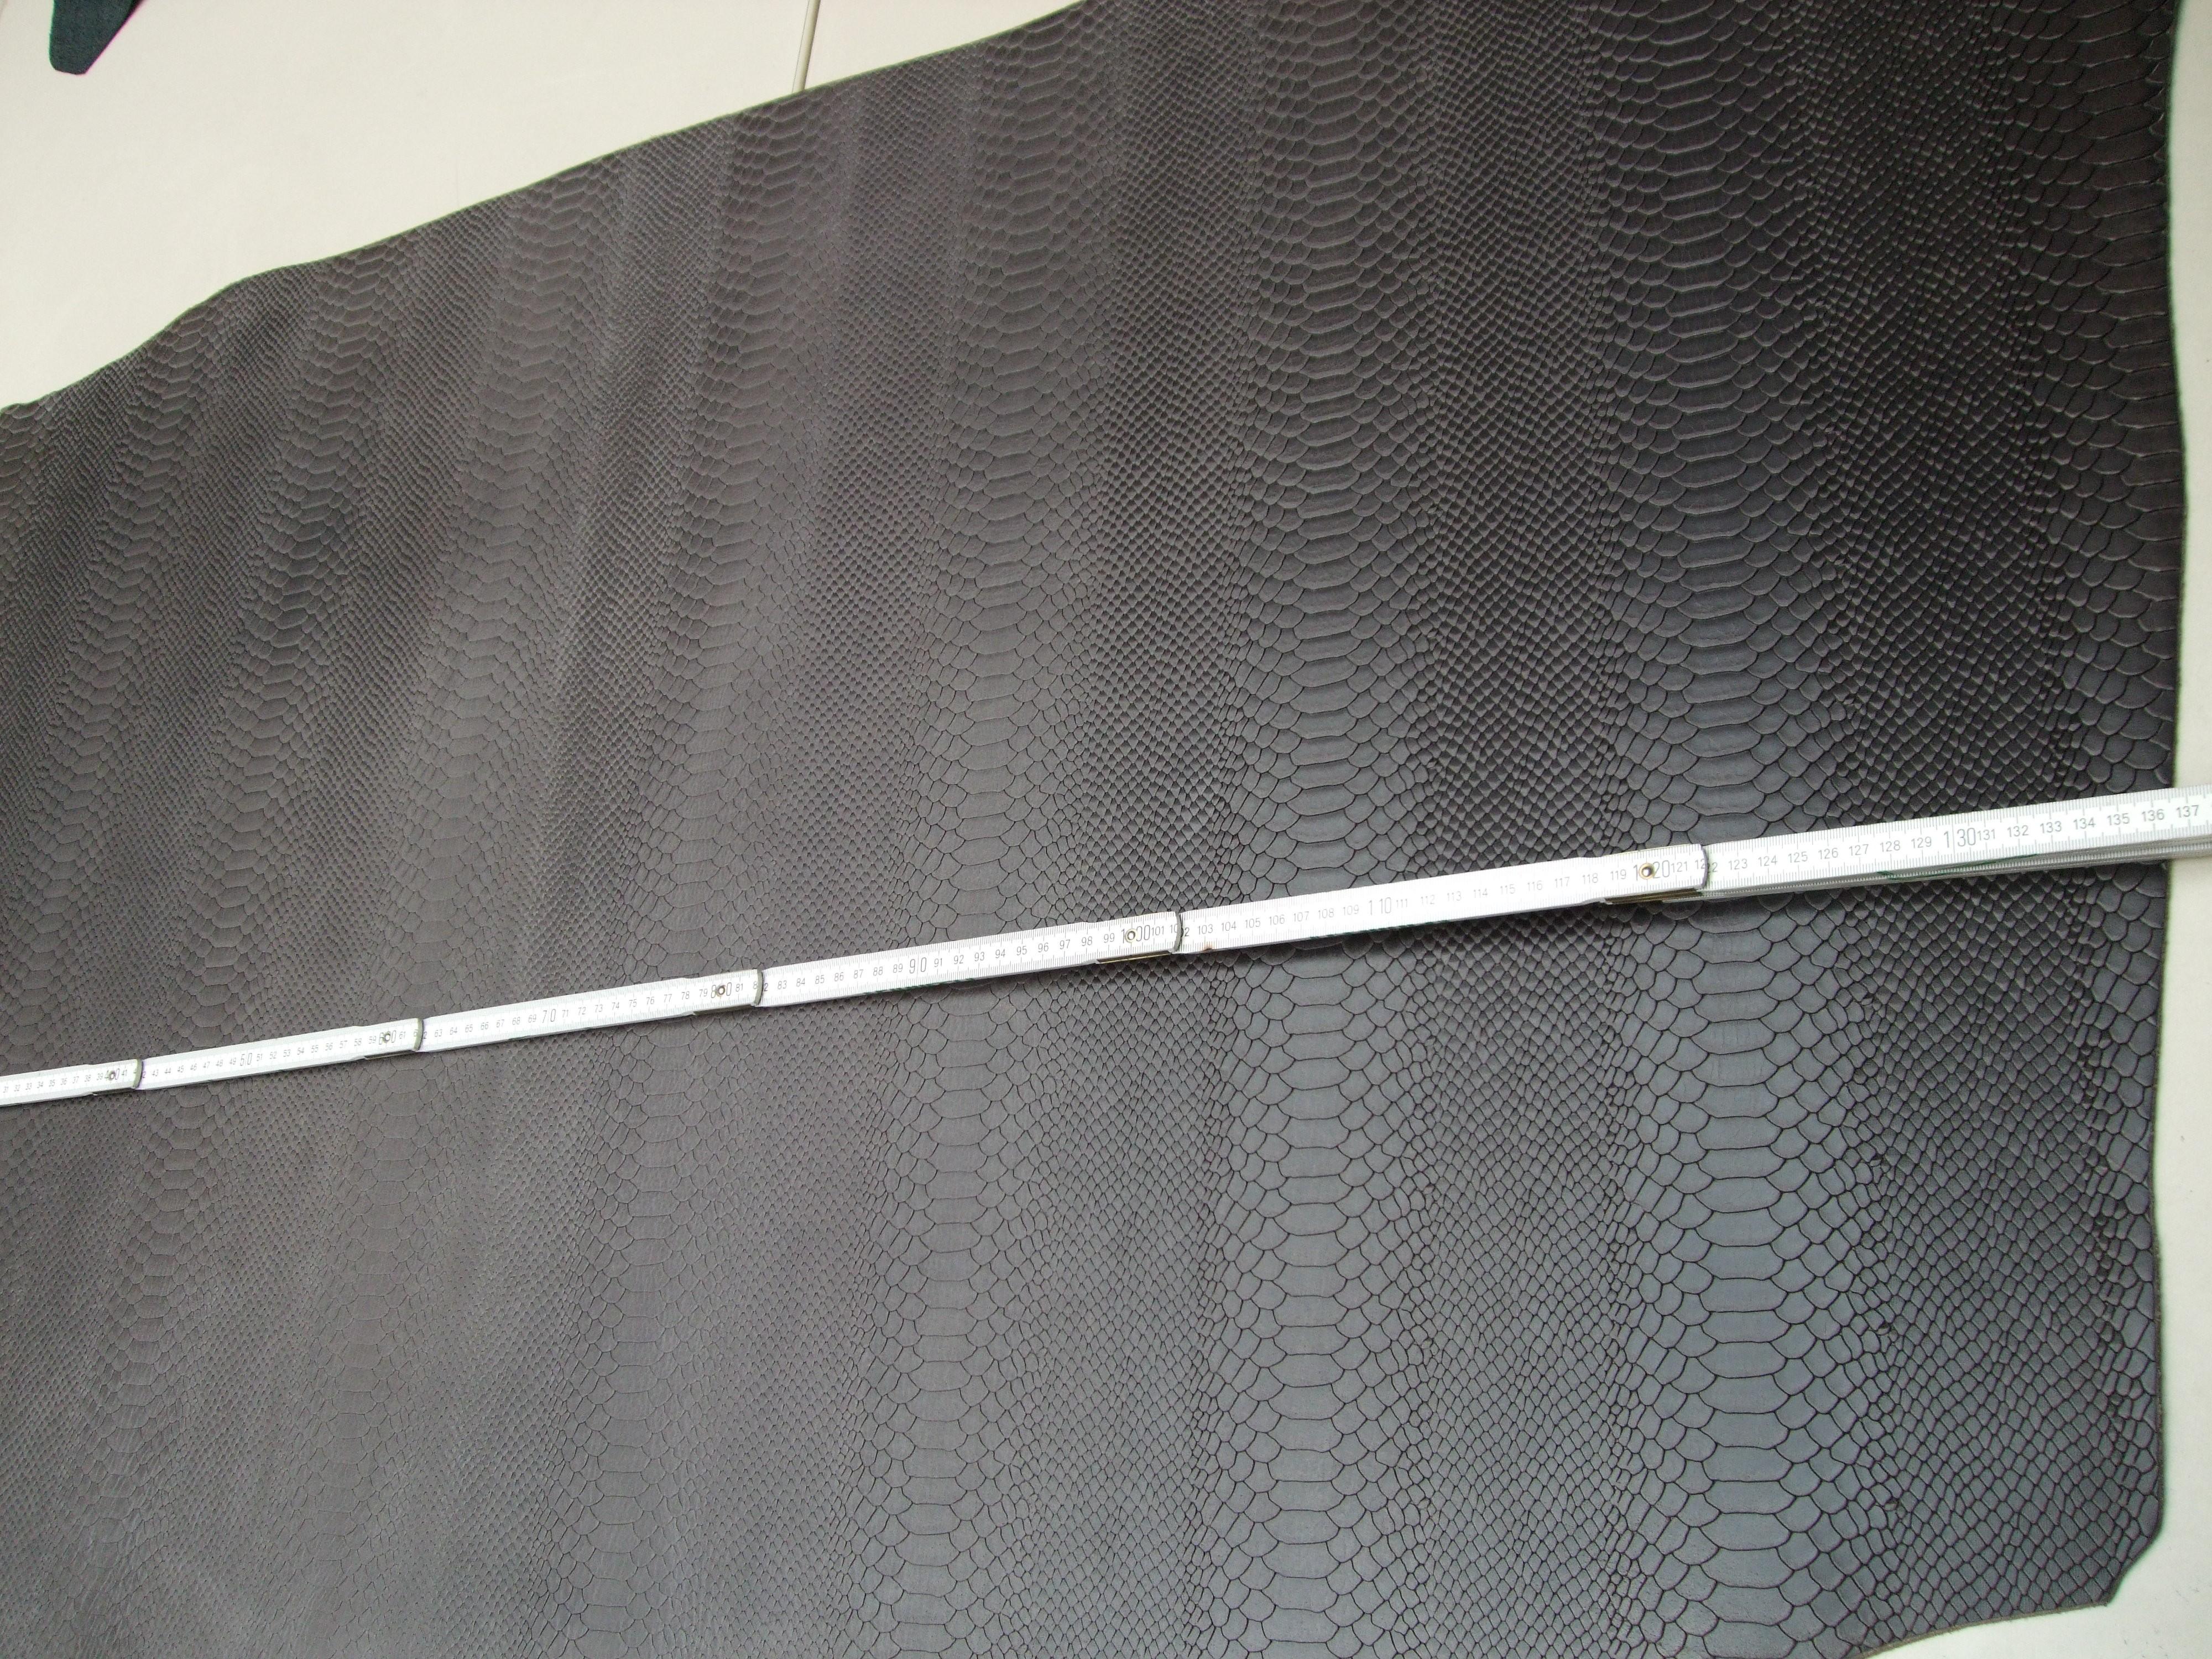 Wasserbüffelcroupon, Schlangenprägung schlamm-grau 3,0 mm (E1853SG) Zur Zeit leider ausverkauft